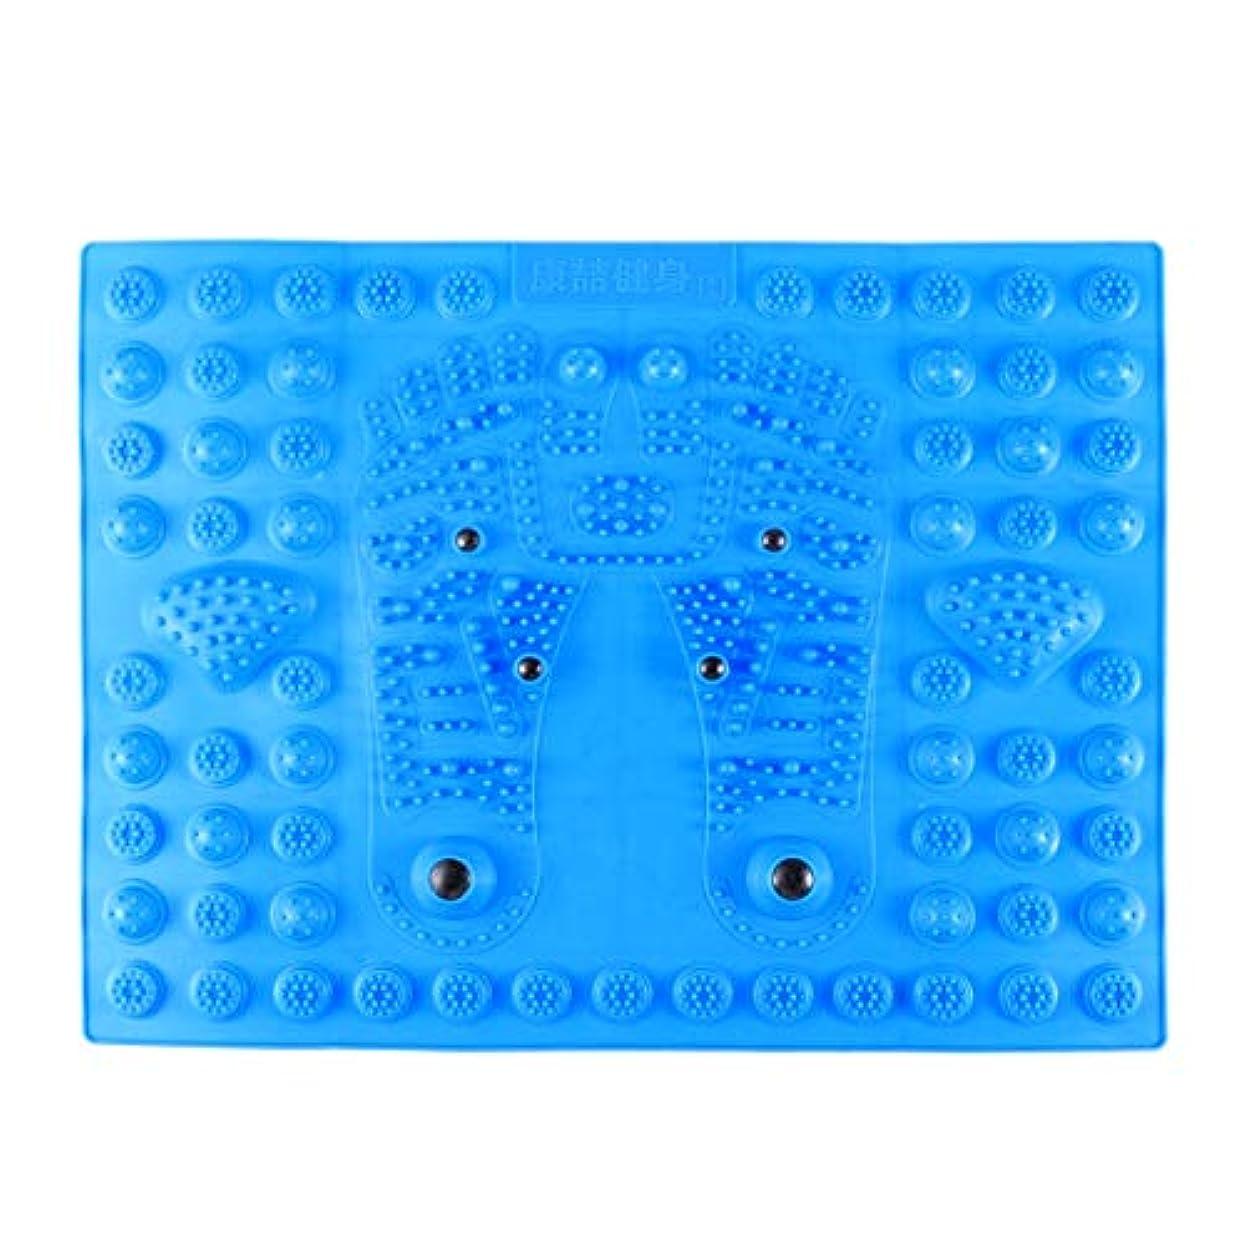 ターミナルドック死すべきHealifty 指圧フットマットフット磁気療法マッサージャーガーデンマッサージパッド(ブルー)